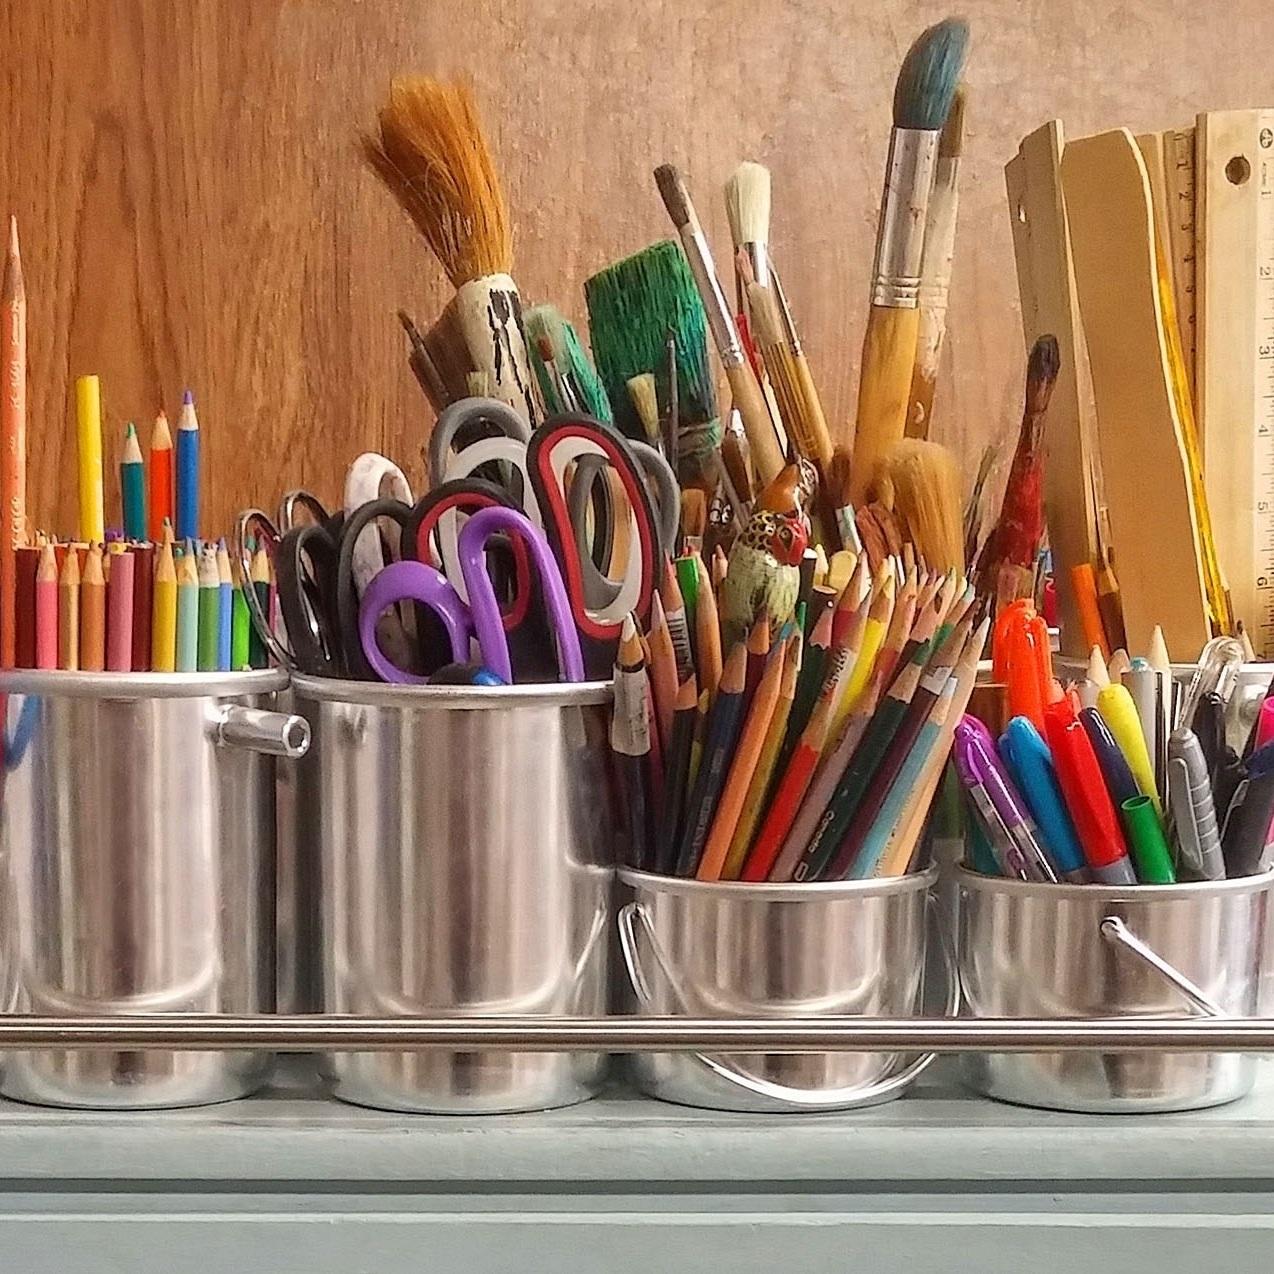 art-supplies-arts-and-crafts-ballpens-159644%252B%2525281%252529.jpg